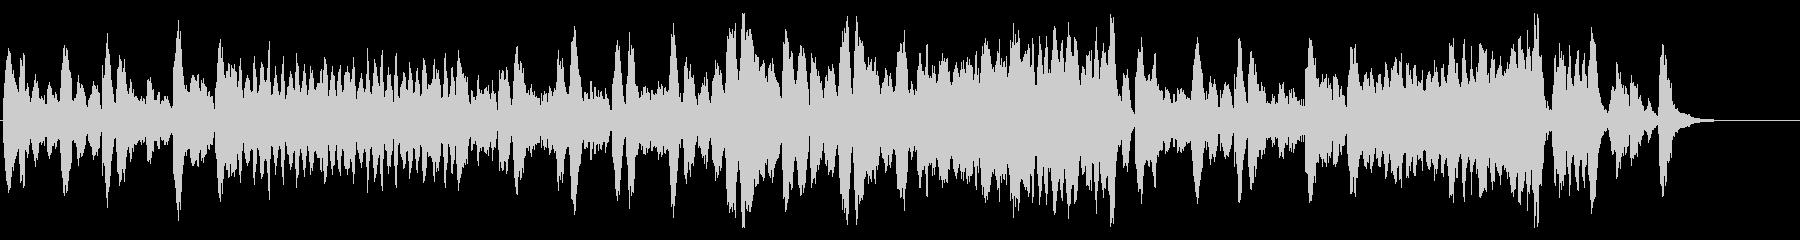 ゴシック/クラシカル/王宮の未再生の波形